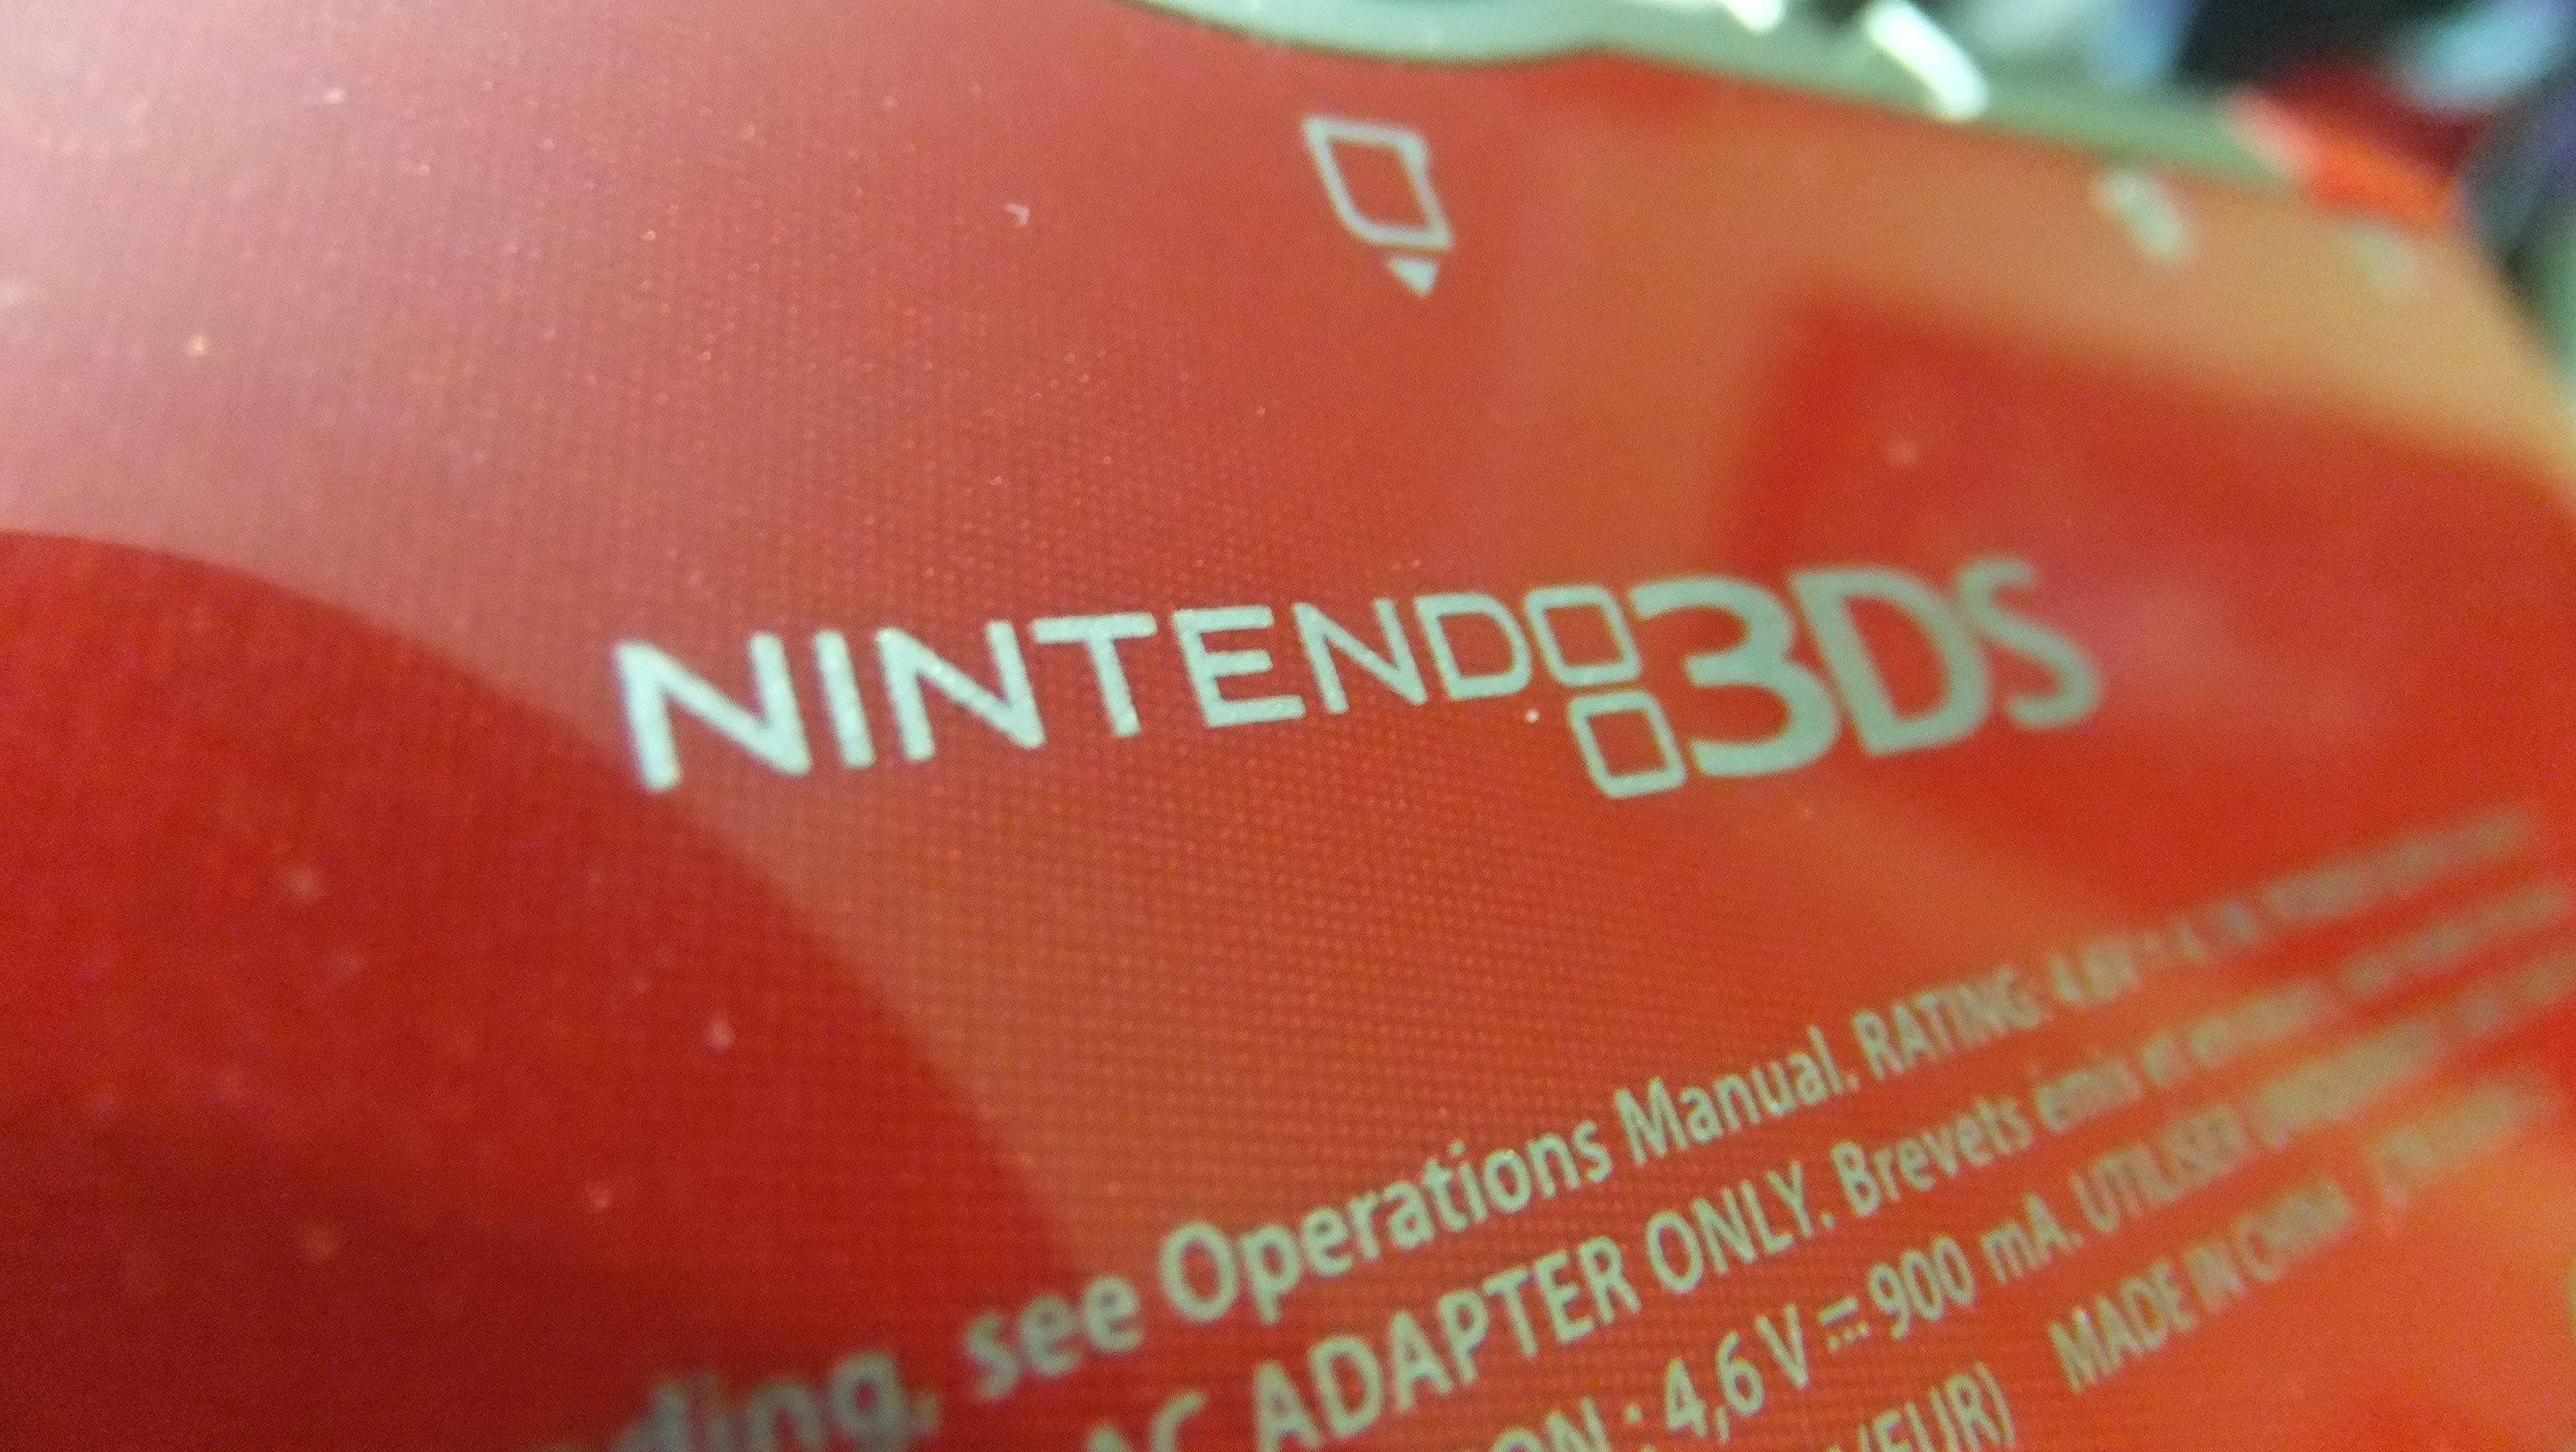 Главное из директа - демка Bravely Default уже доступна, кошелек 3DS и WiiU объединят, Miiverse и YouTube для 3DS в  ... - Изображение 1